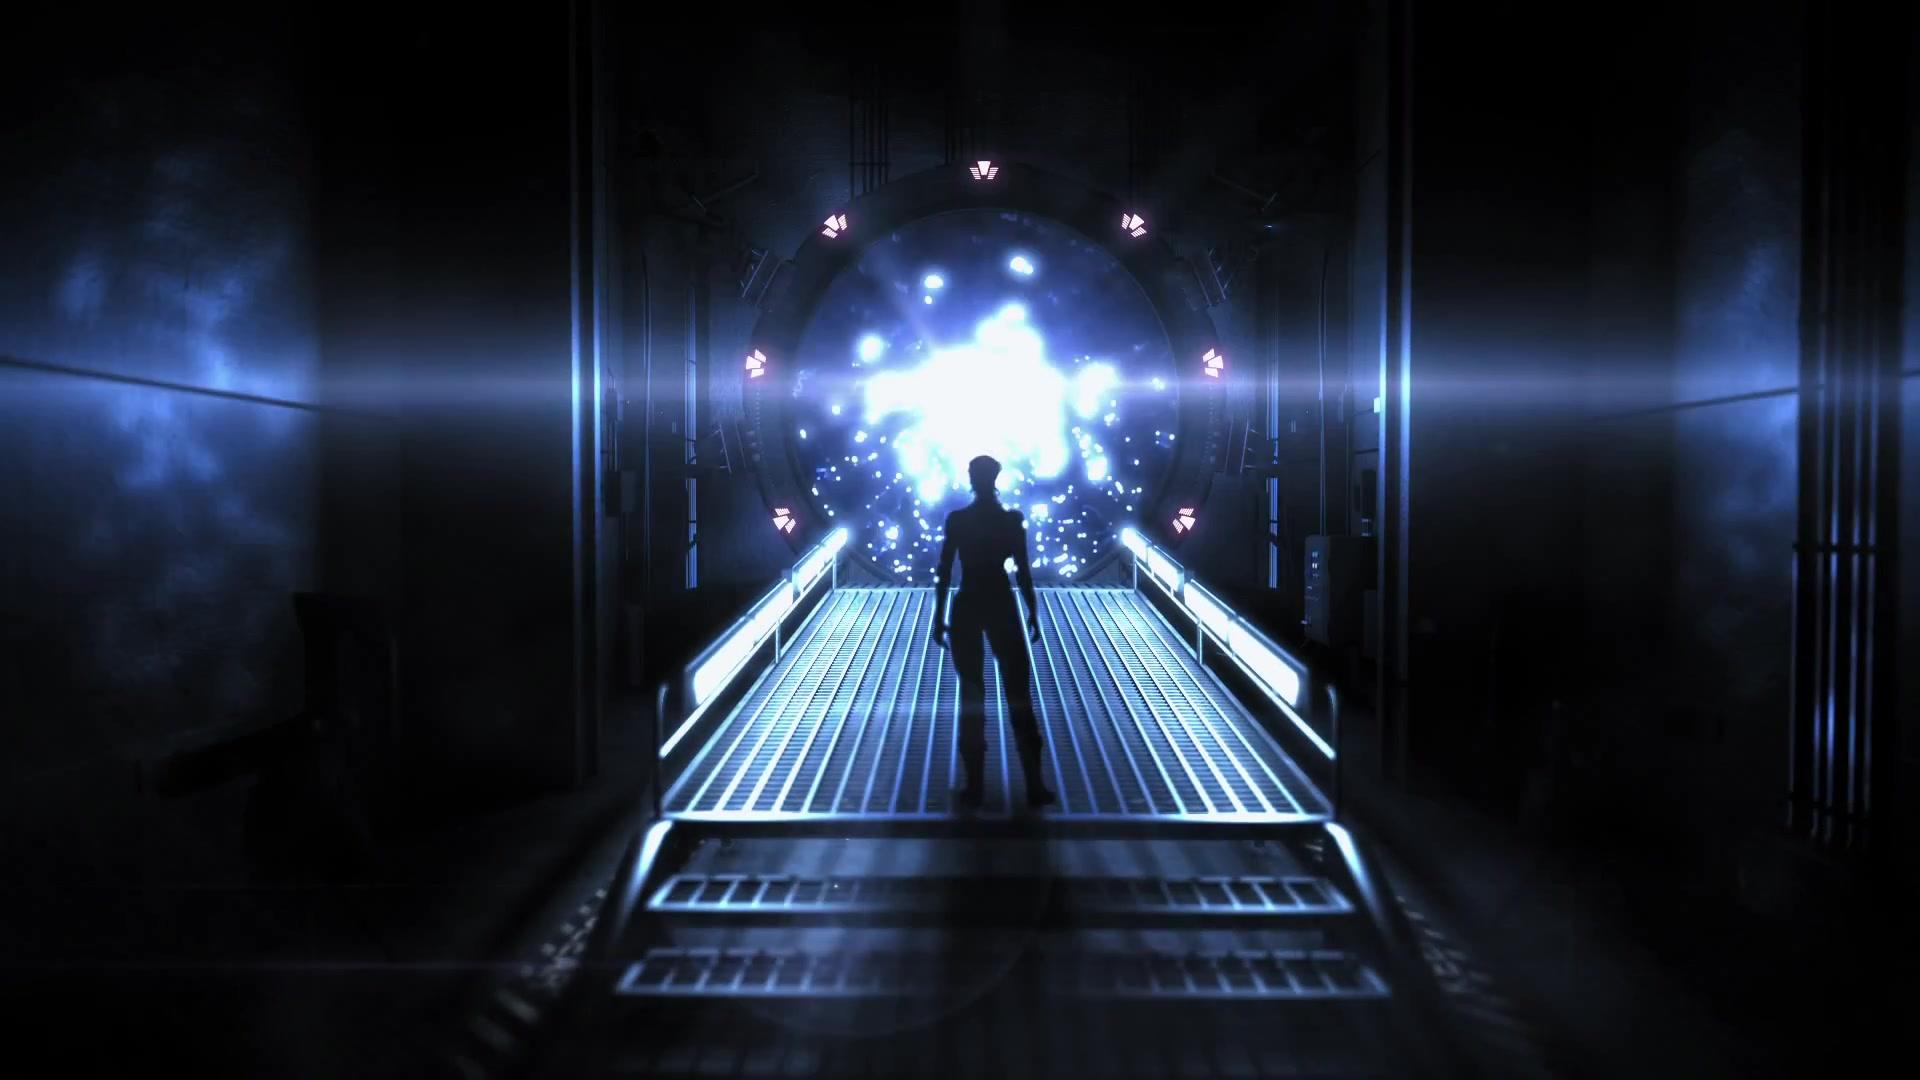 STARGATE SG-1 UNLEASHED TEASER 383.jpg